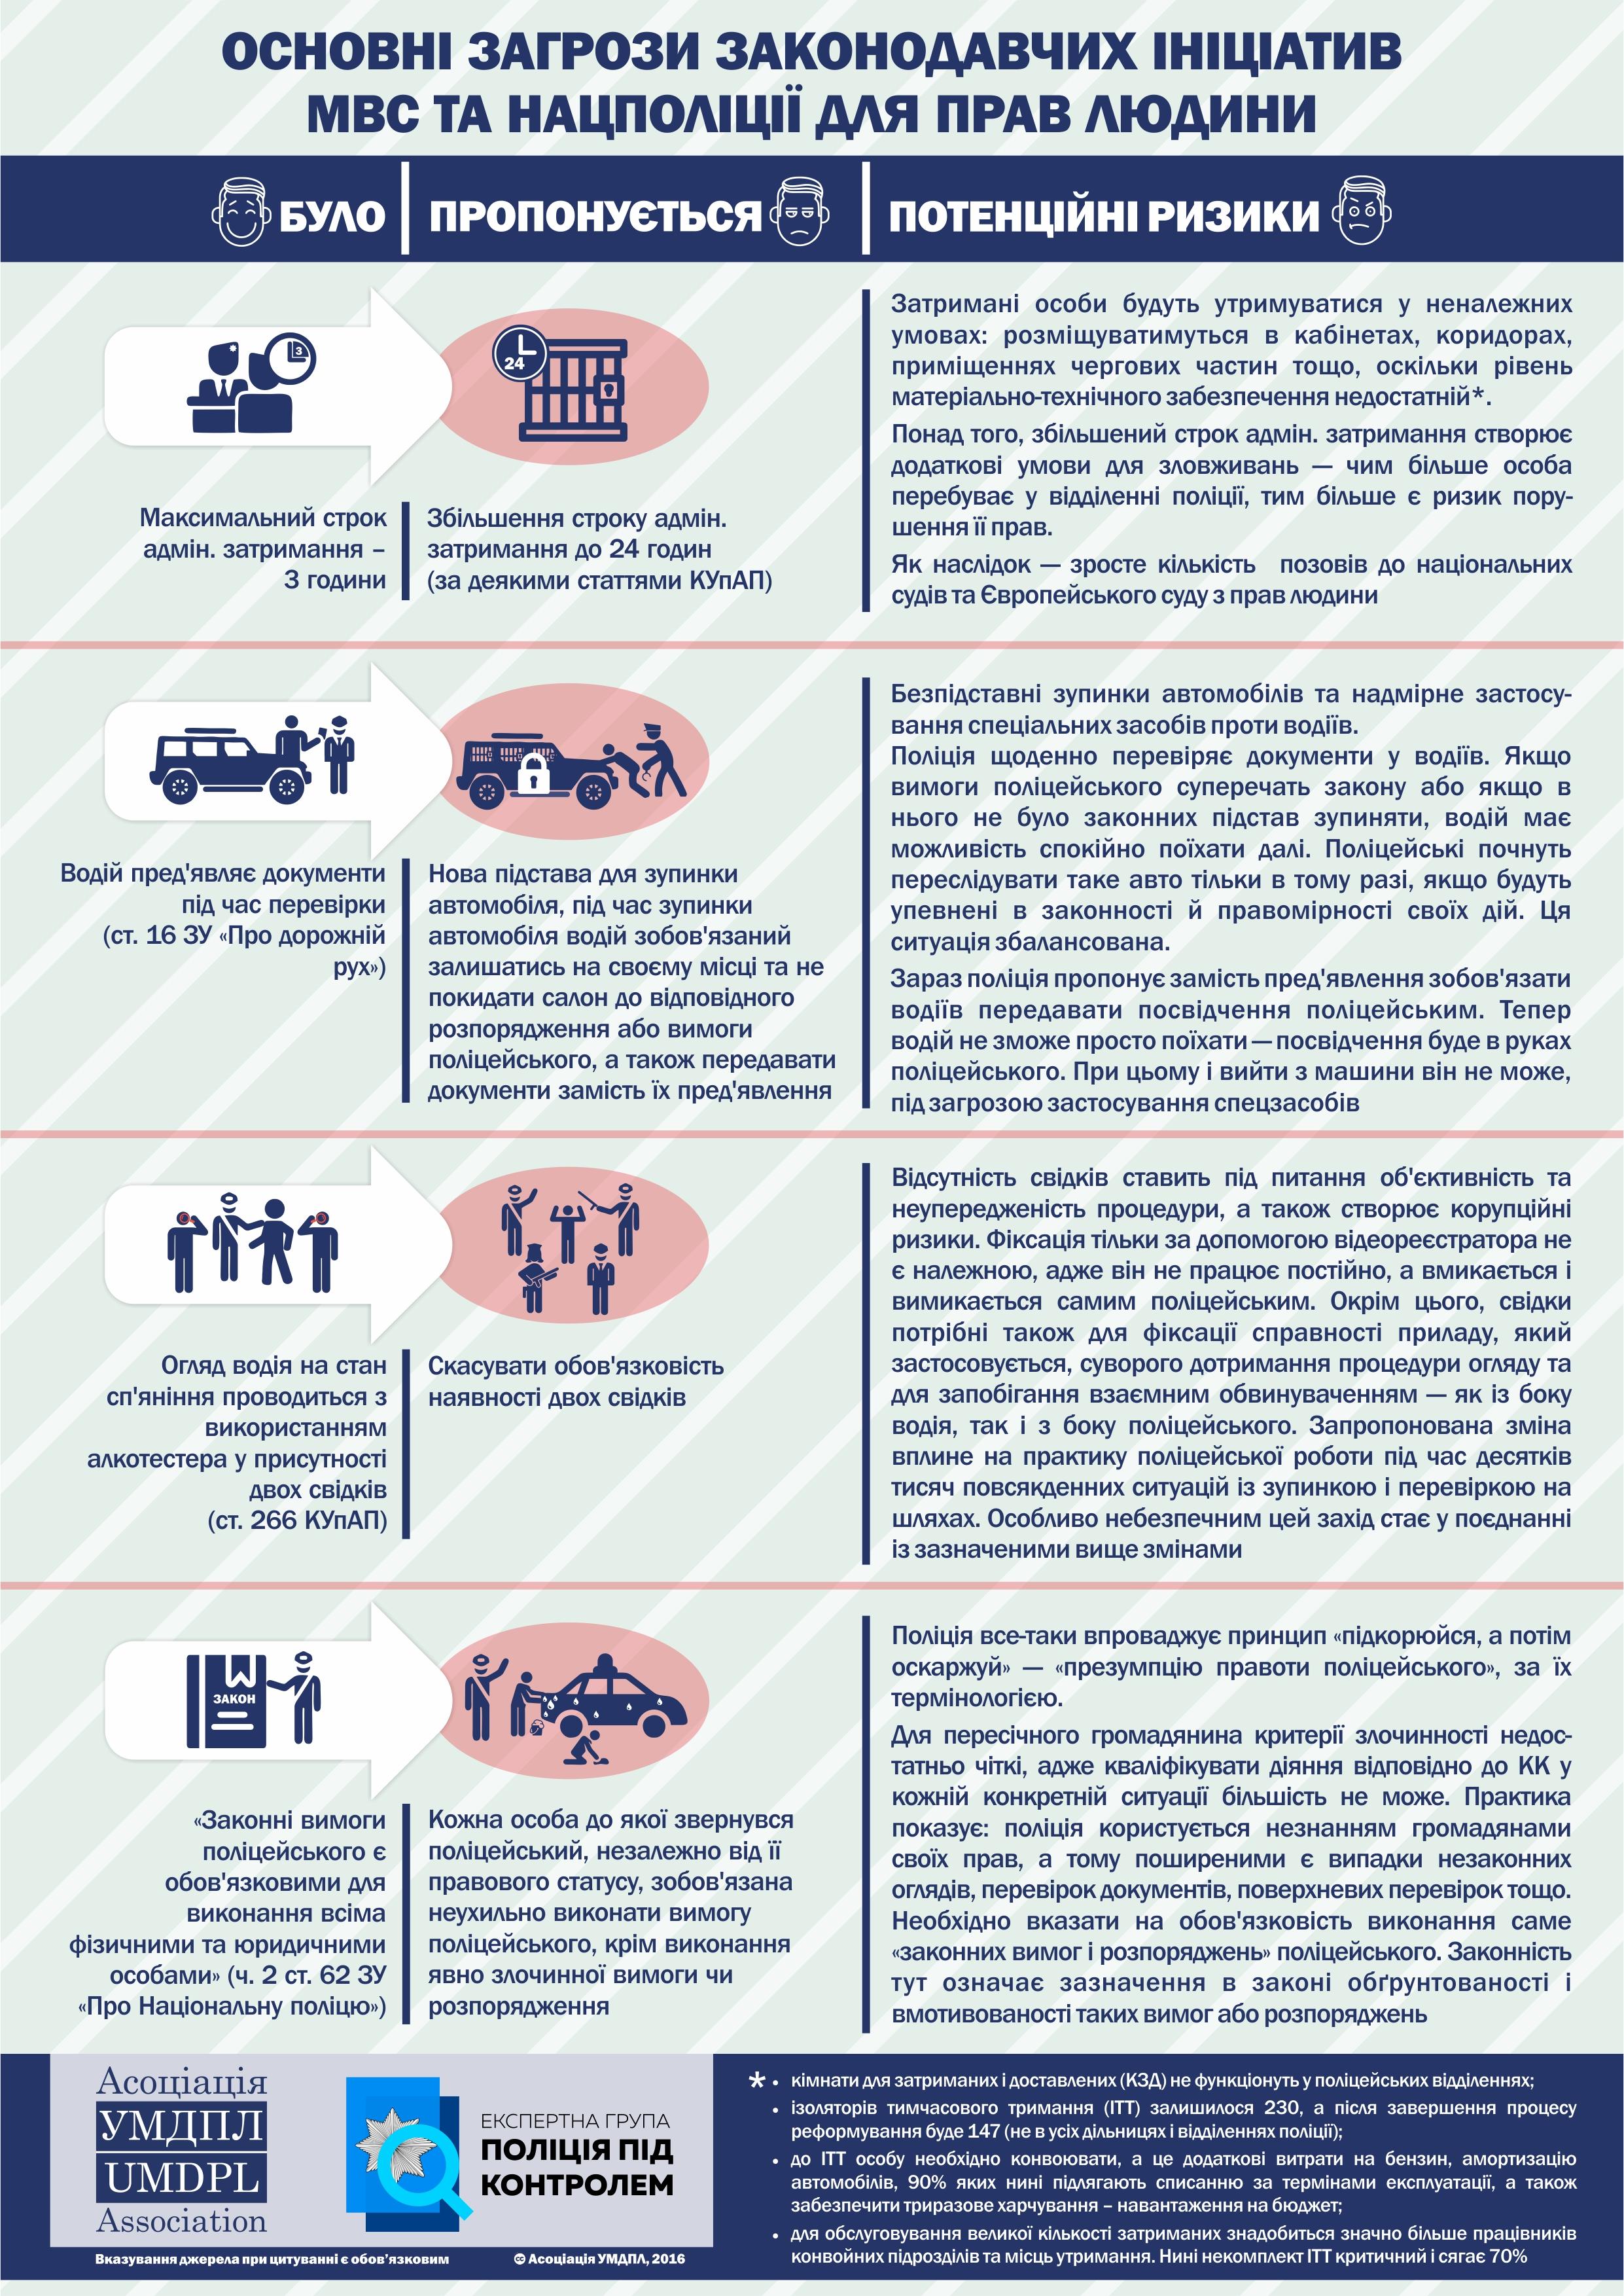 інфографіка зміни rgb_small